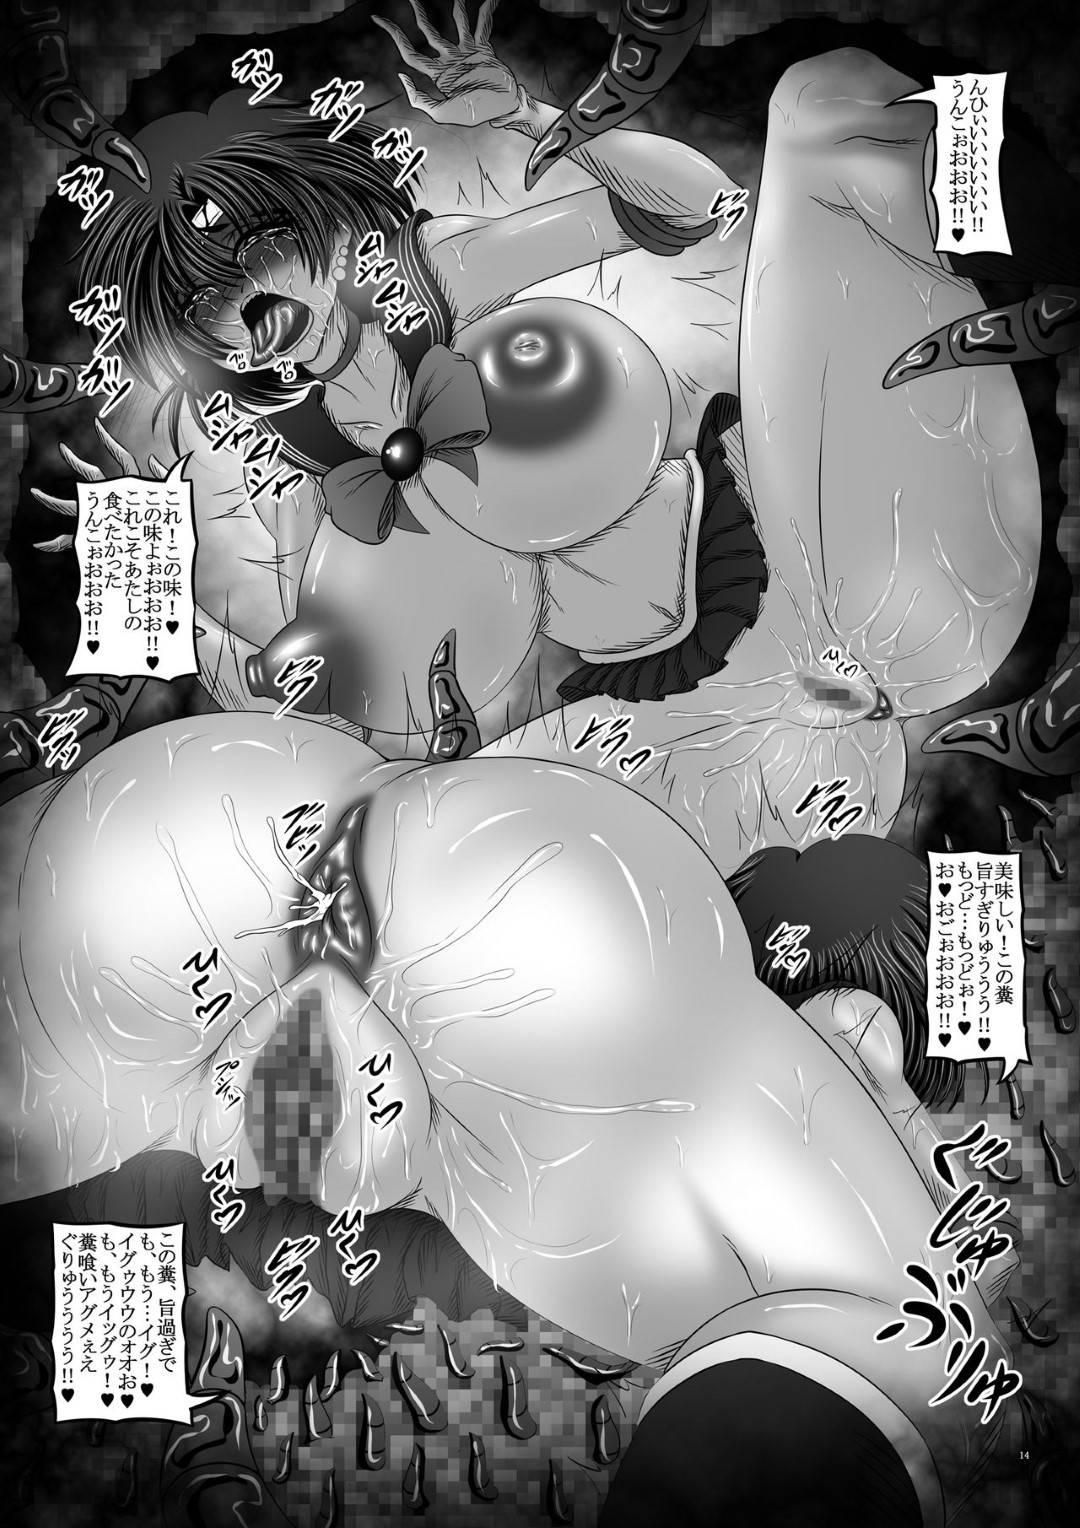 【エロ同人誌】変態痴女妖魔に謎の触手生物を食わされて身体を開発され、うんこを食べるのが好きになってしまったセーラーマーキュリー。トイレにこもってうんこを食いまくり、うさぎにも脱糞させて二穴同時触手レイプで変態淫乱痴女堕ちしてしまう【セーラームーン】